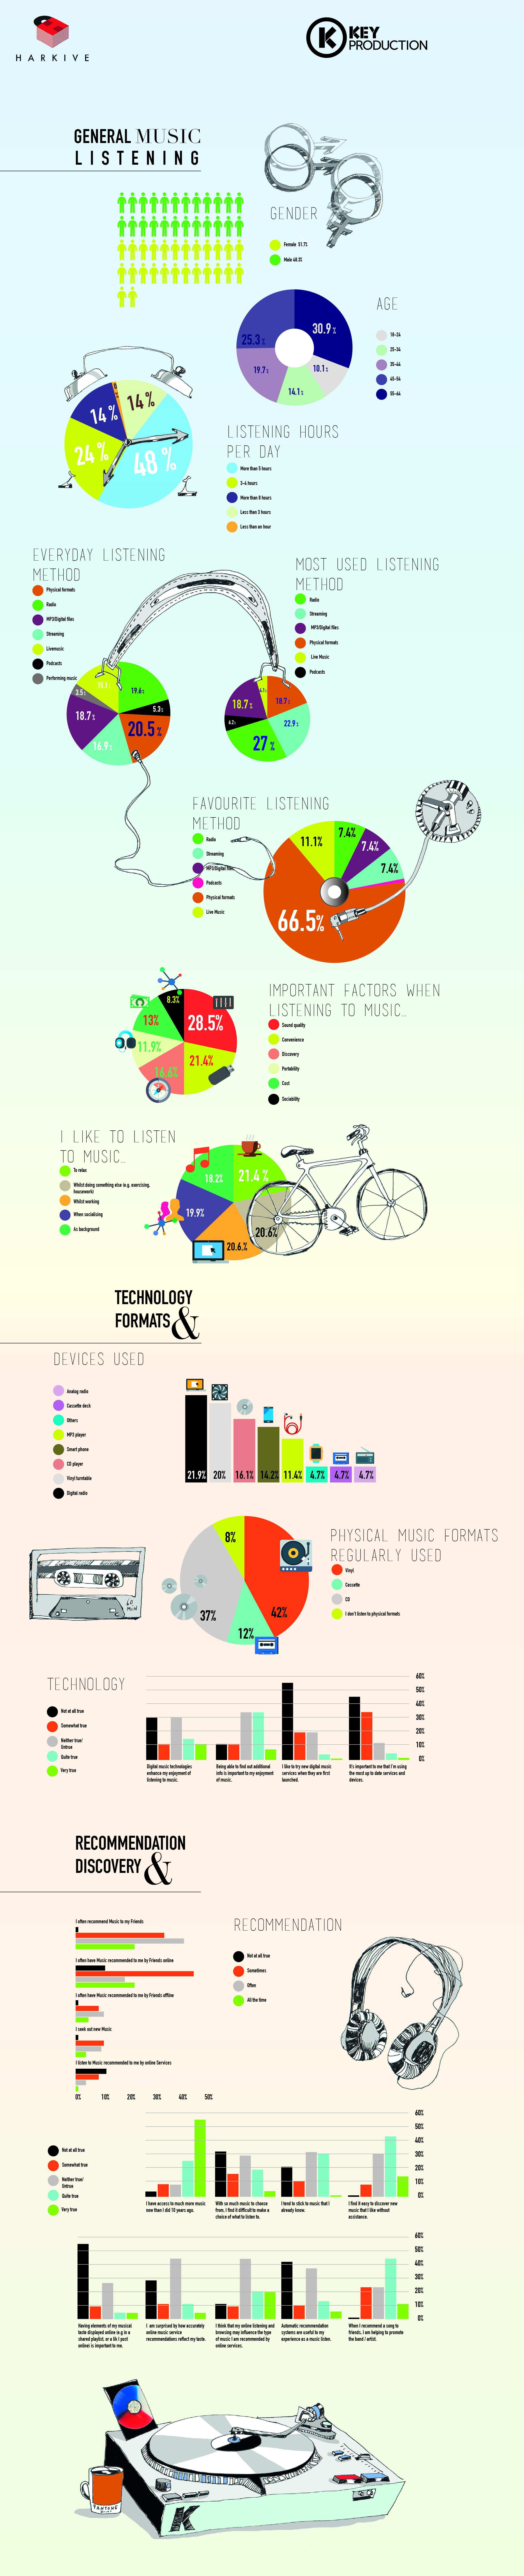 InfographicFINAL3-01